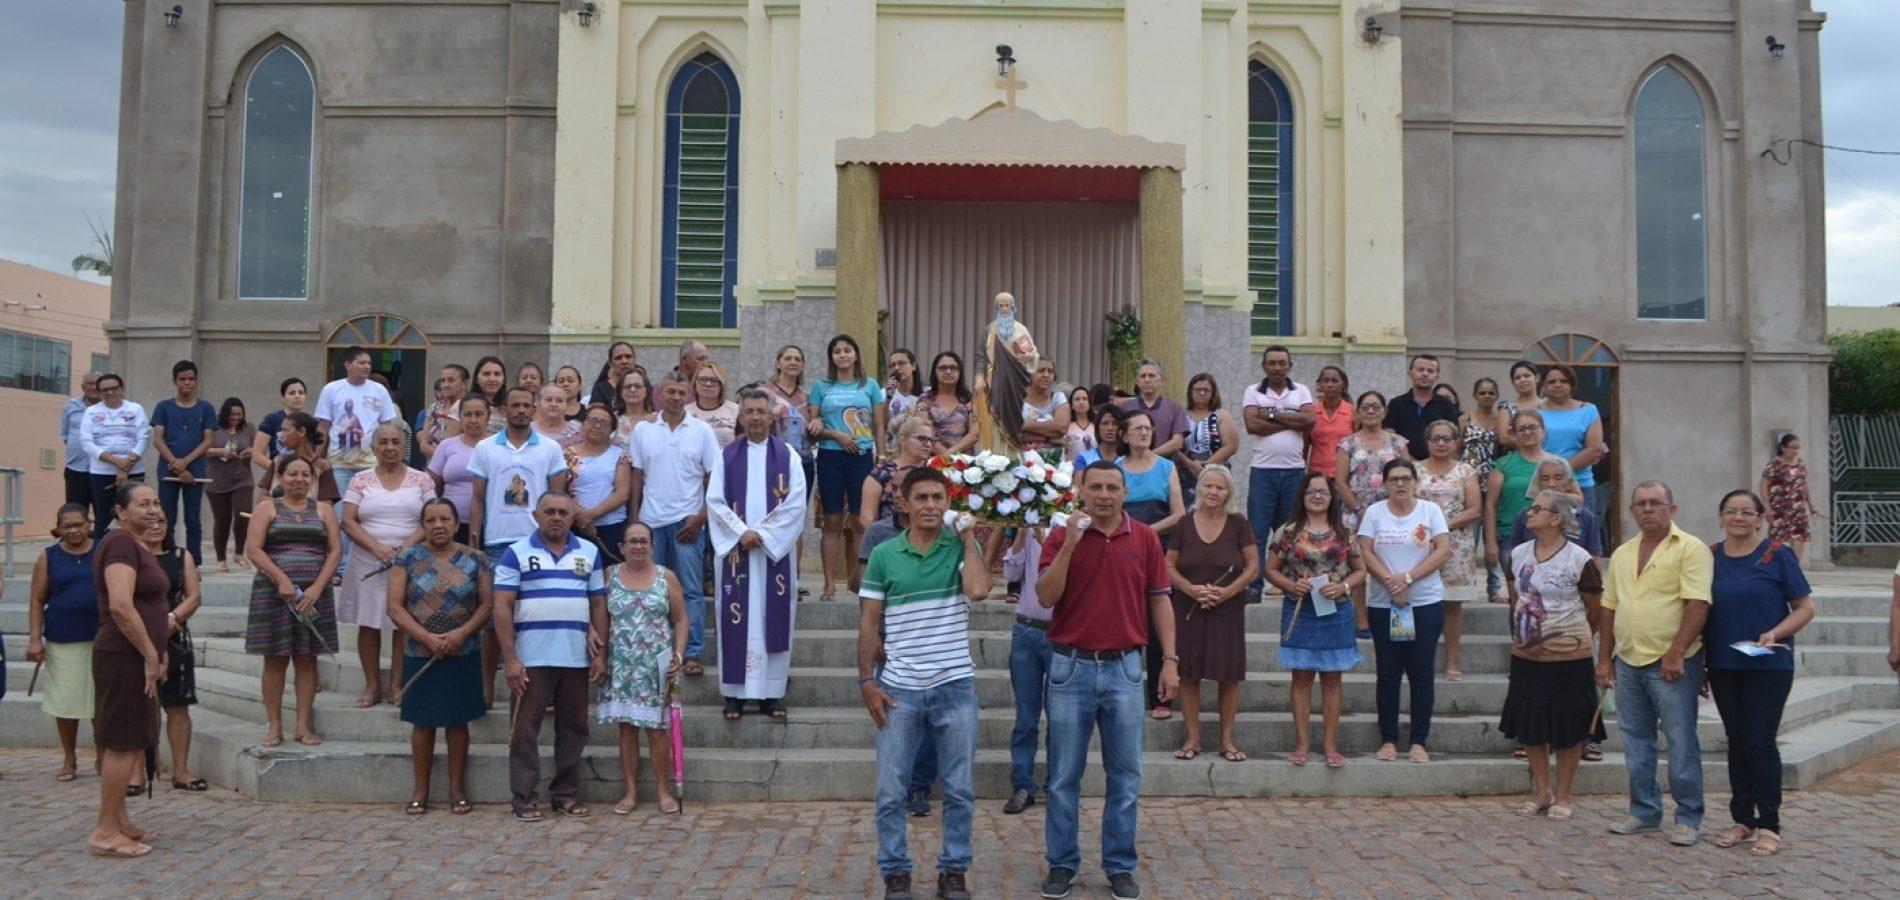 Procissão dá início aos festejos de São Simão, em Simões; veja fotos